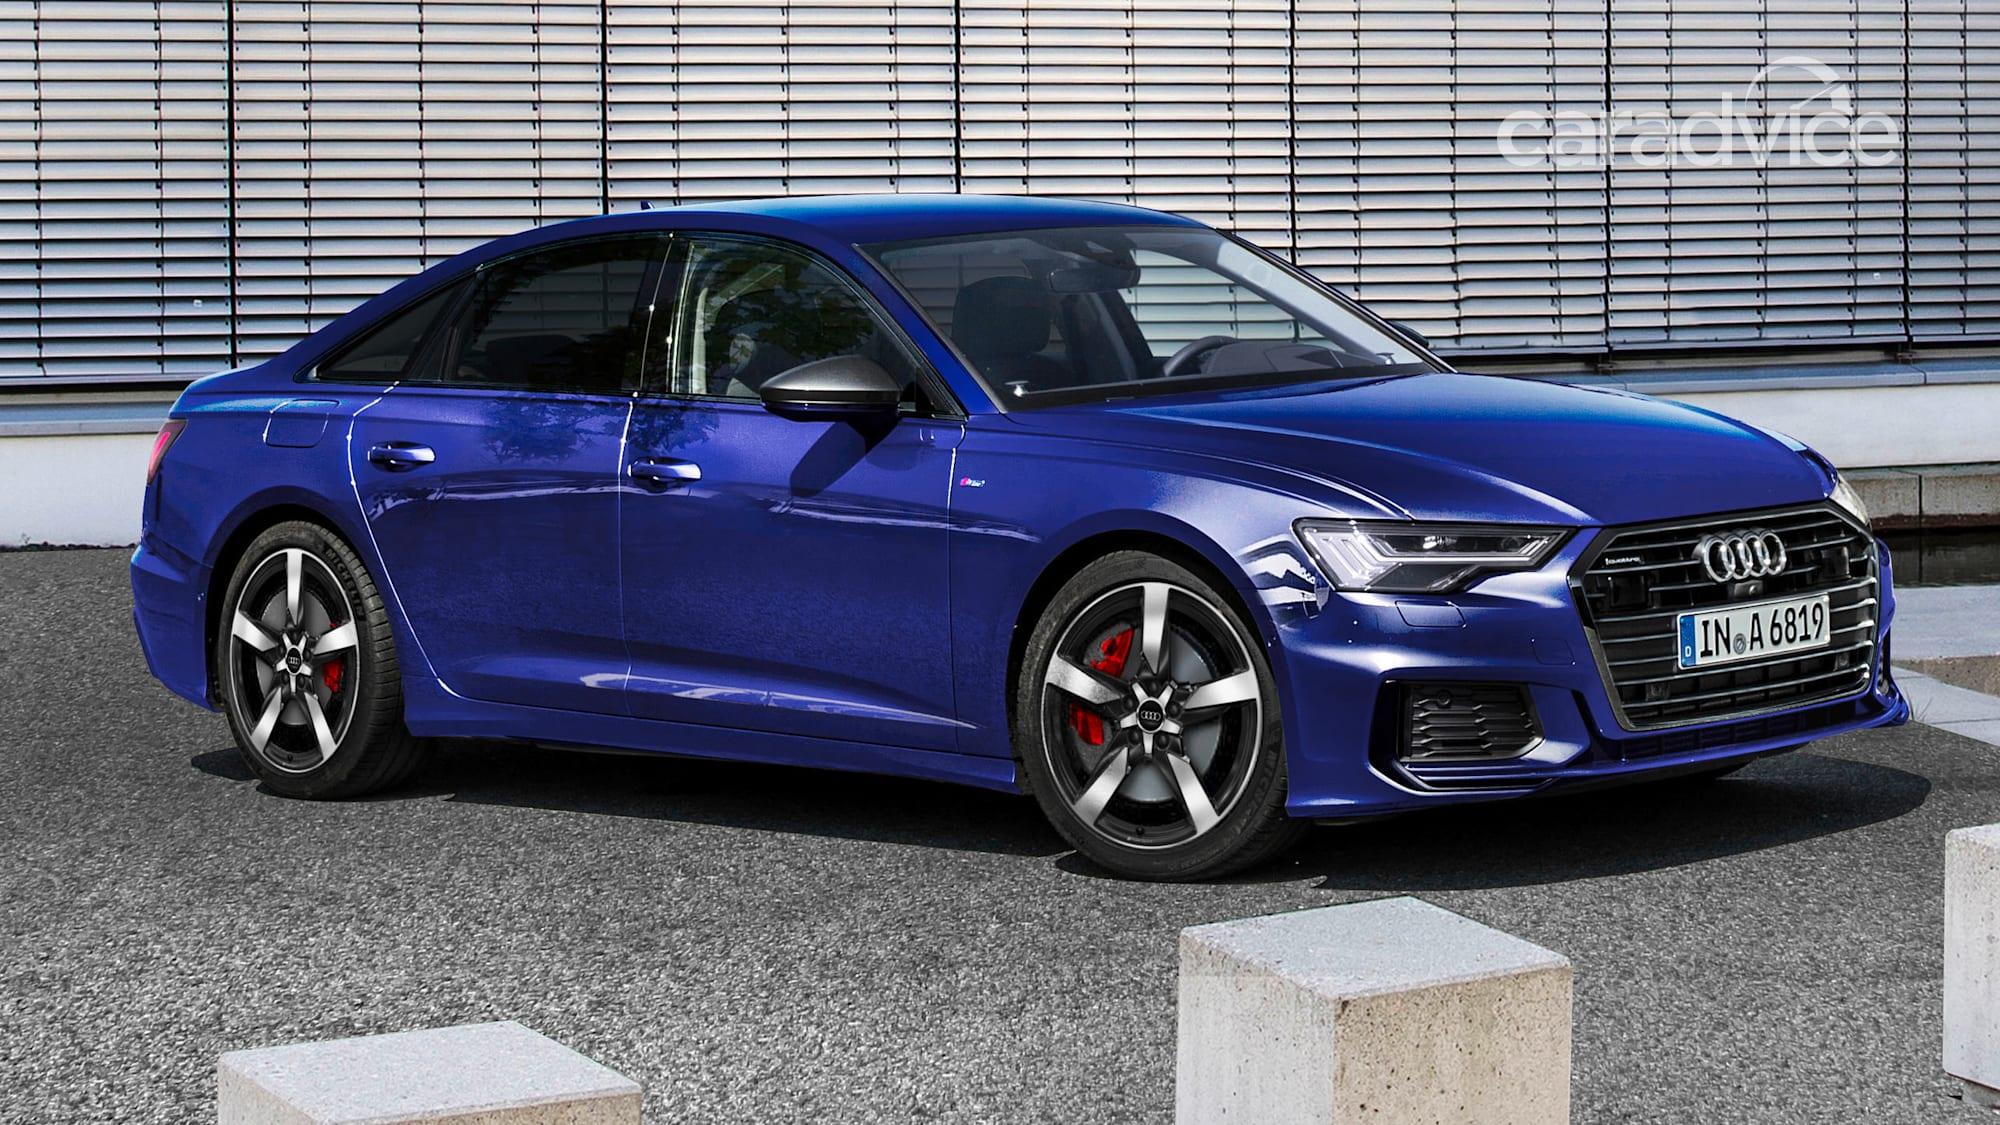 2020 Audi A6 55 TFSI e quattro plug-in hybrid sedan revealed | CarAdvice